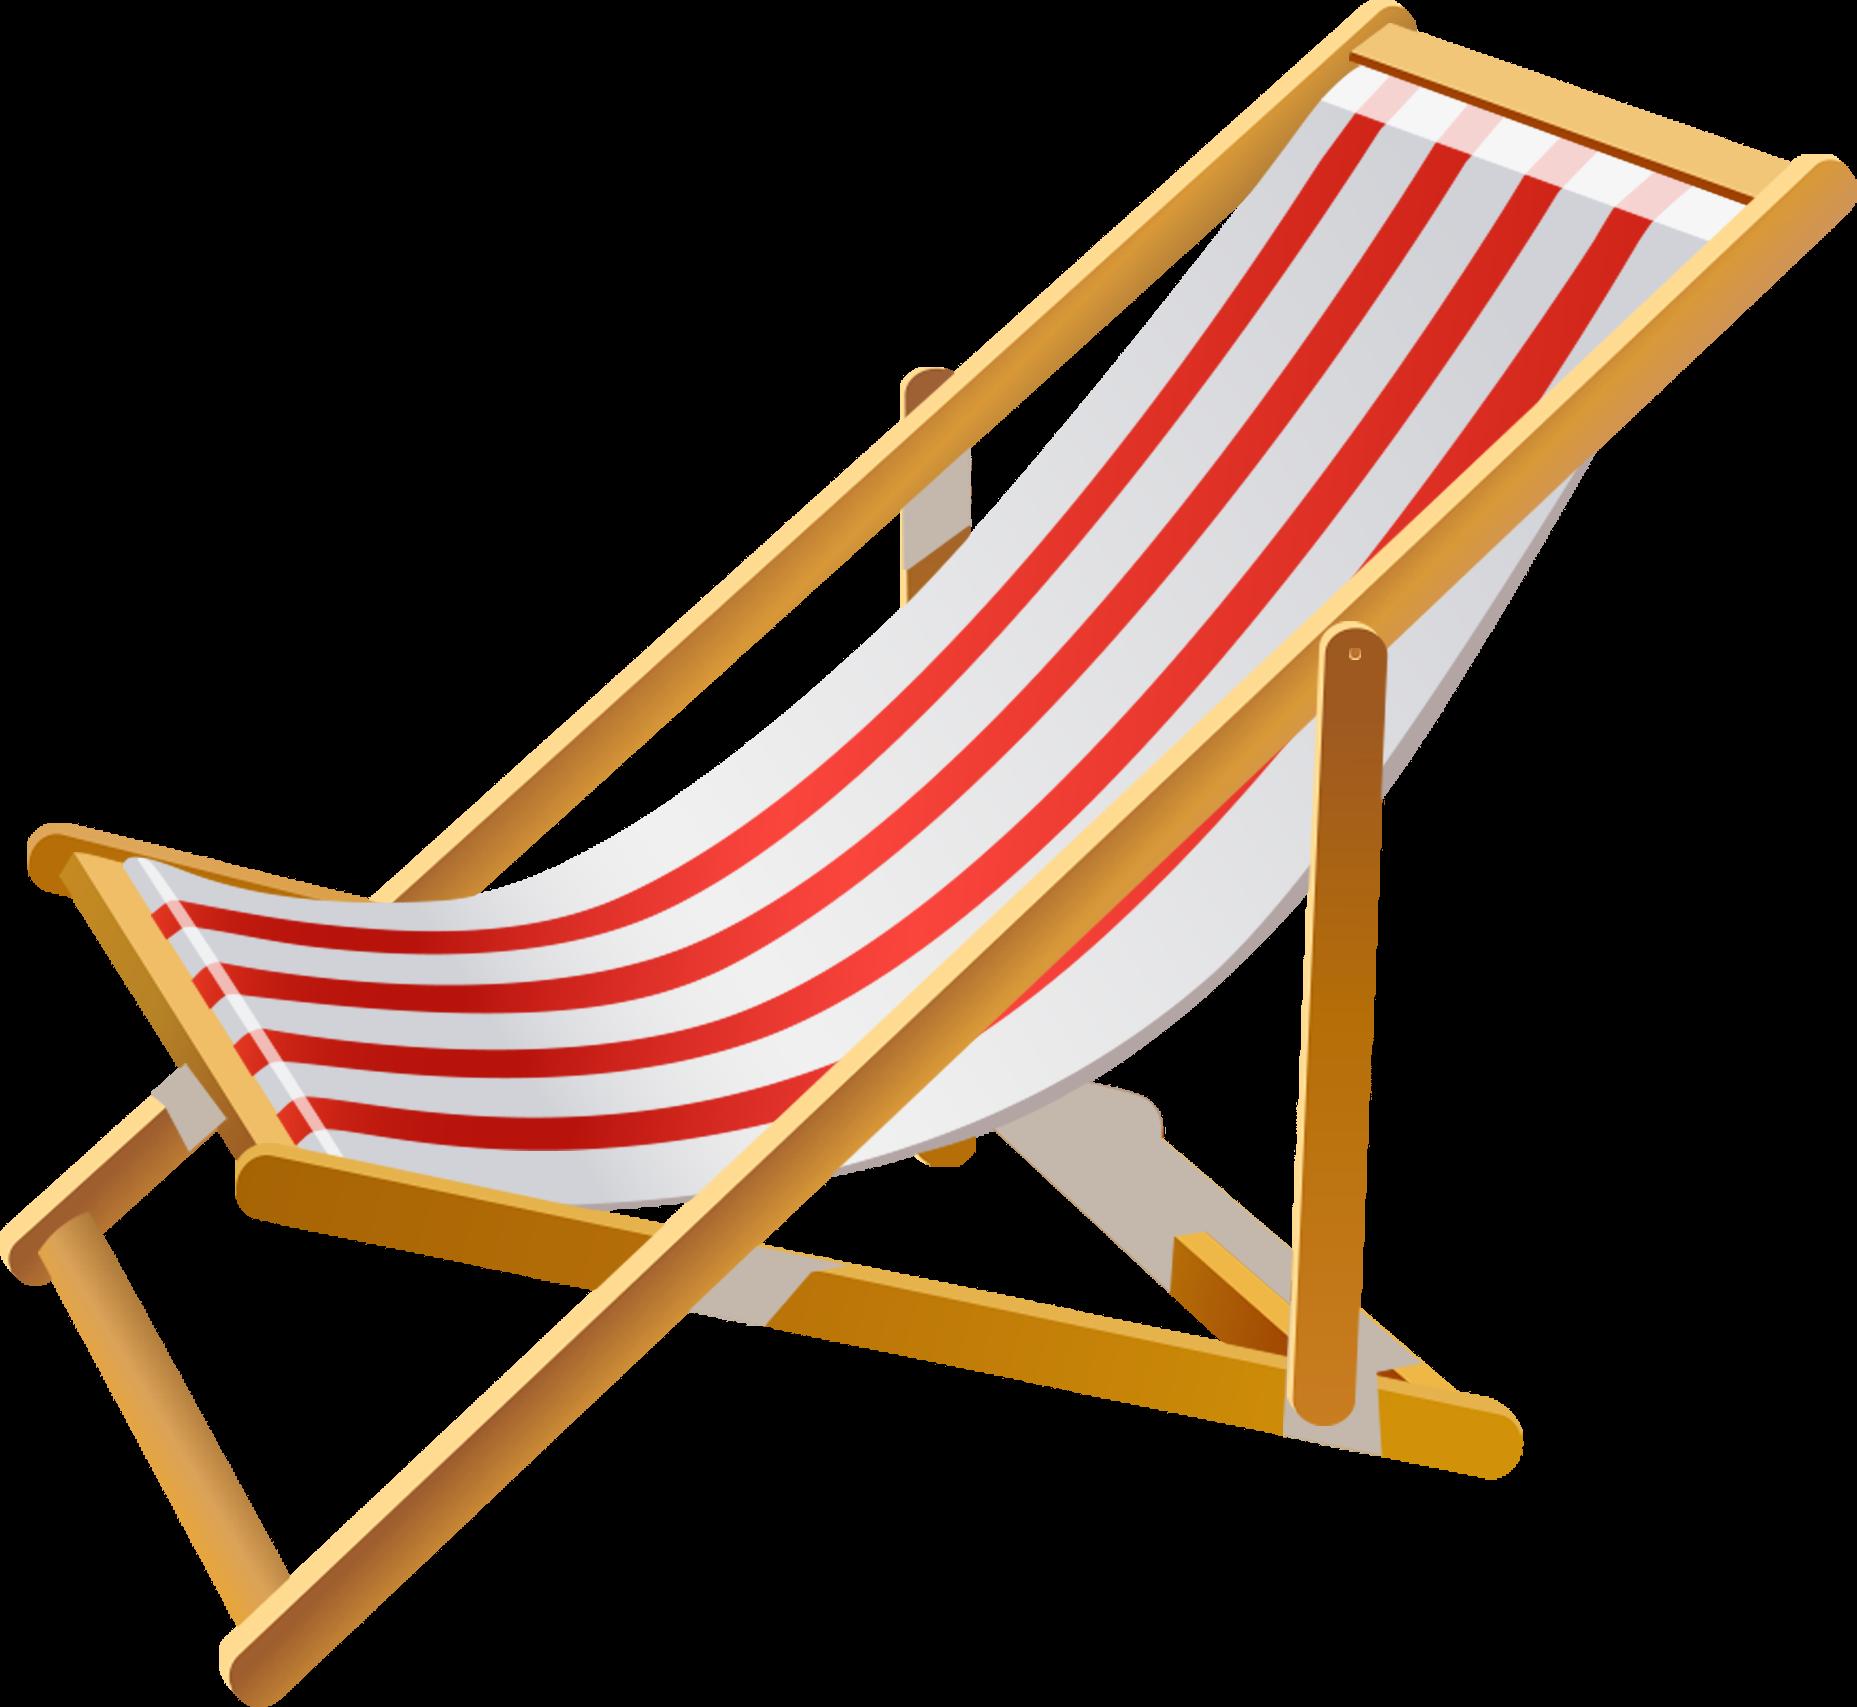 Chair beach hd hand. Furniture clipart adobe illustrator